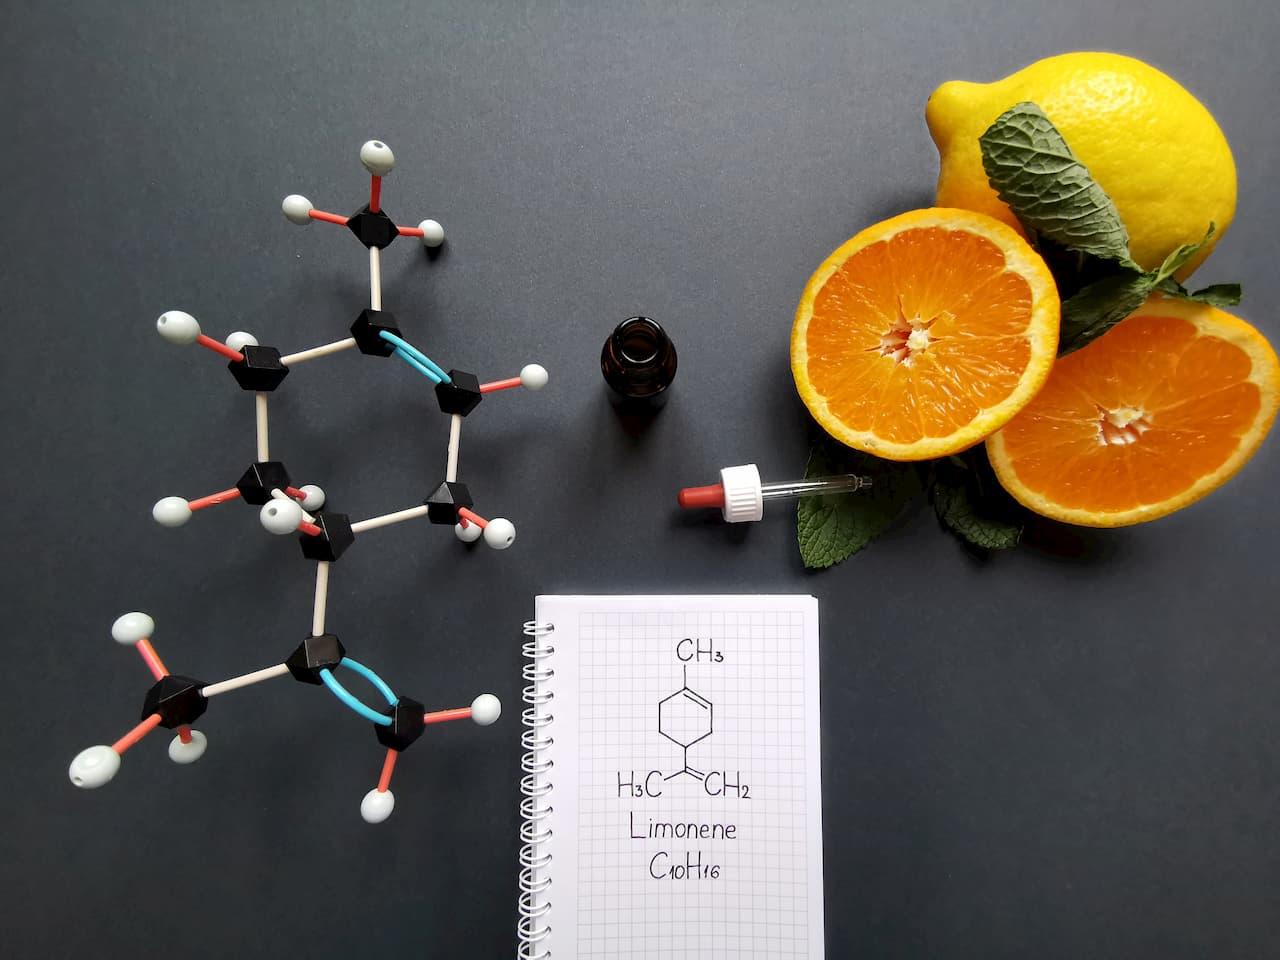 limonene-resized